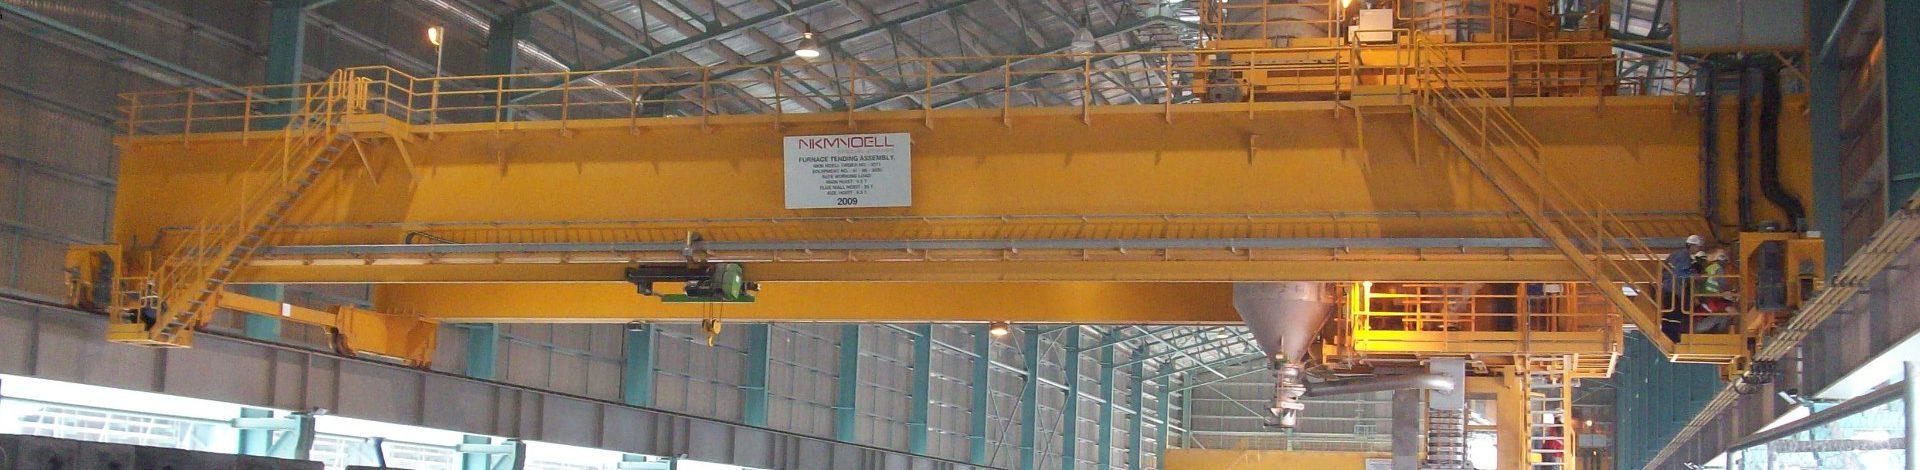 handling_equipment-aluminum